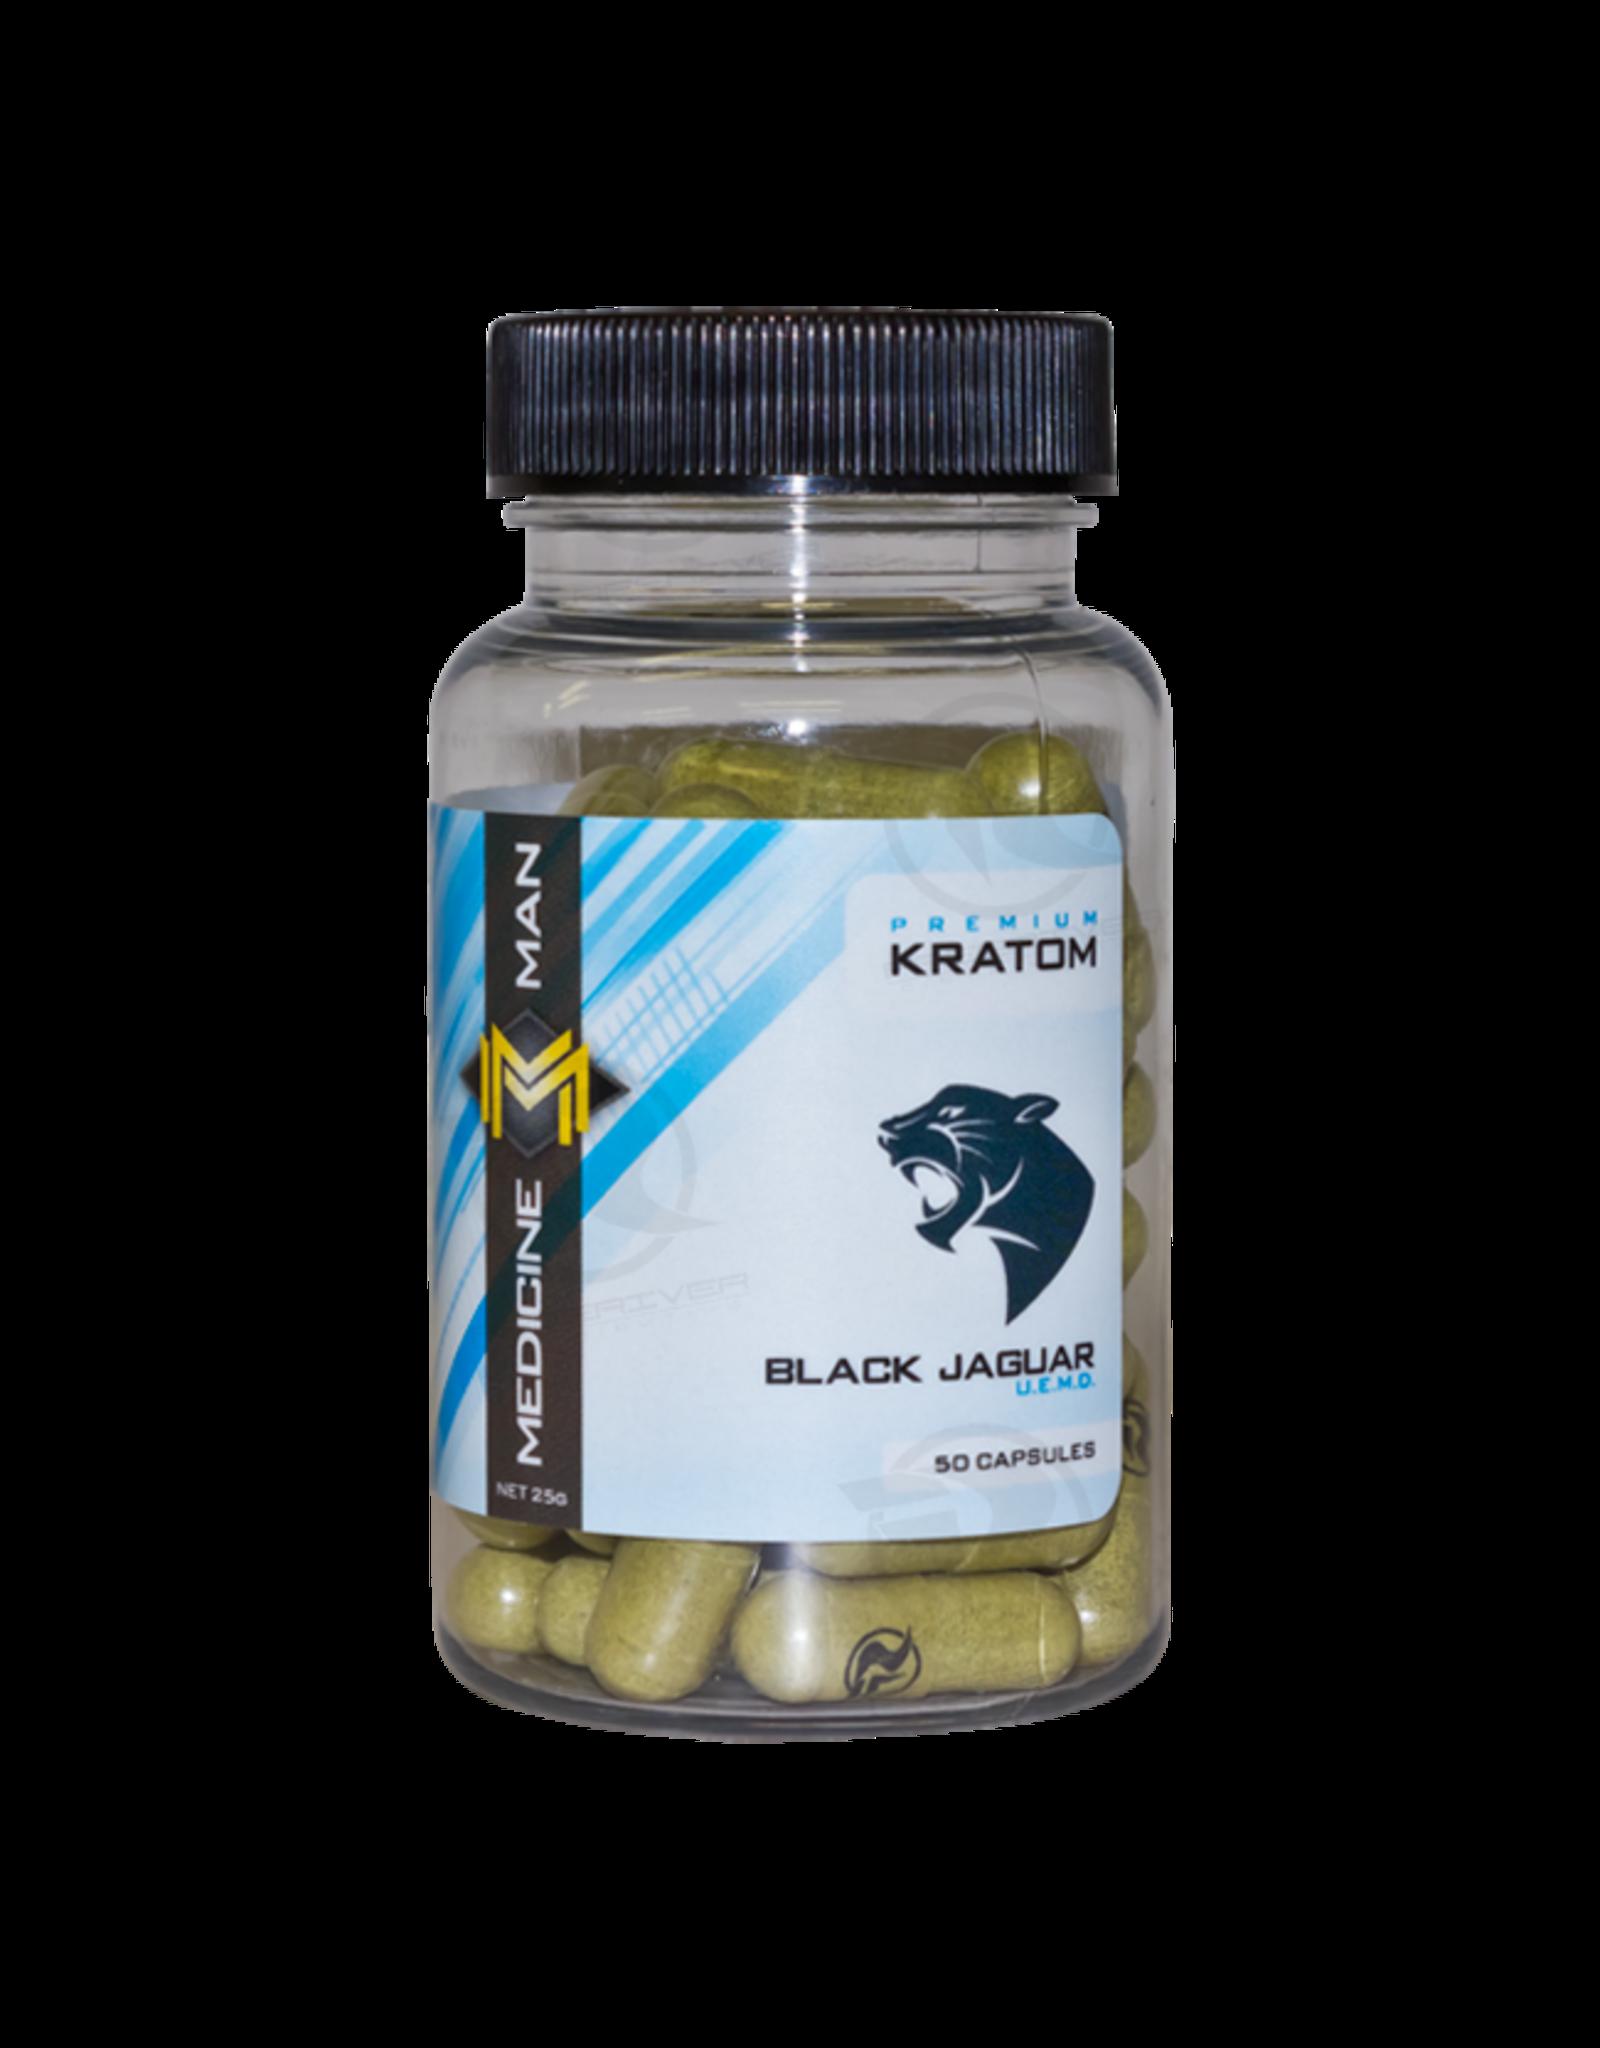 Medicine Man Kratom Black Jaguar 50 Caps